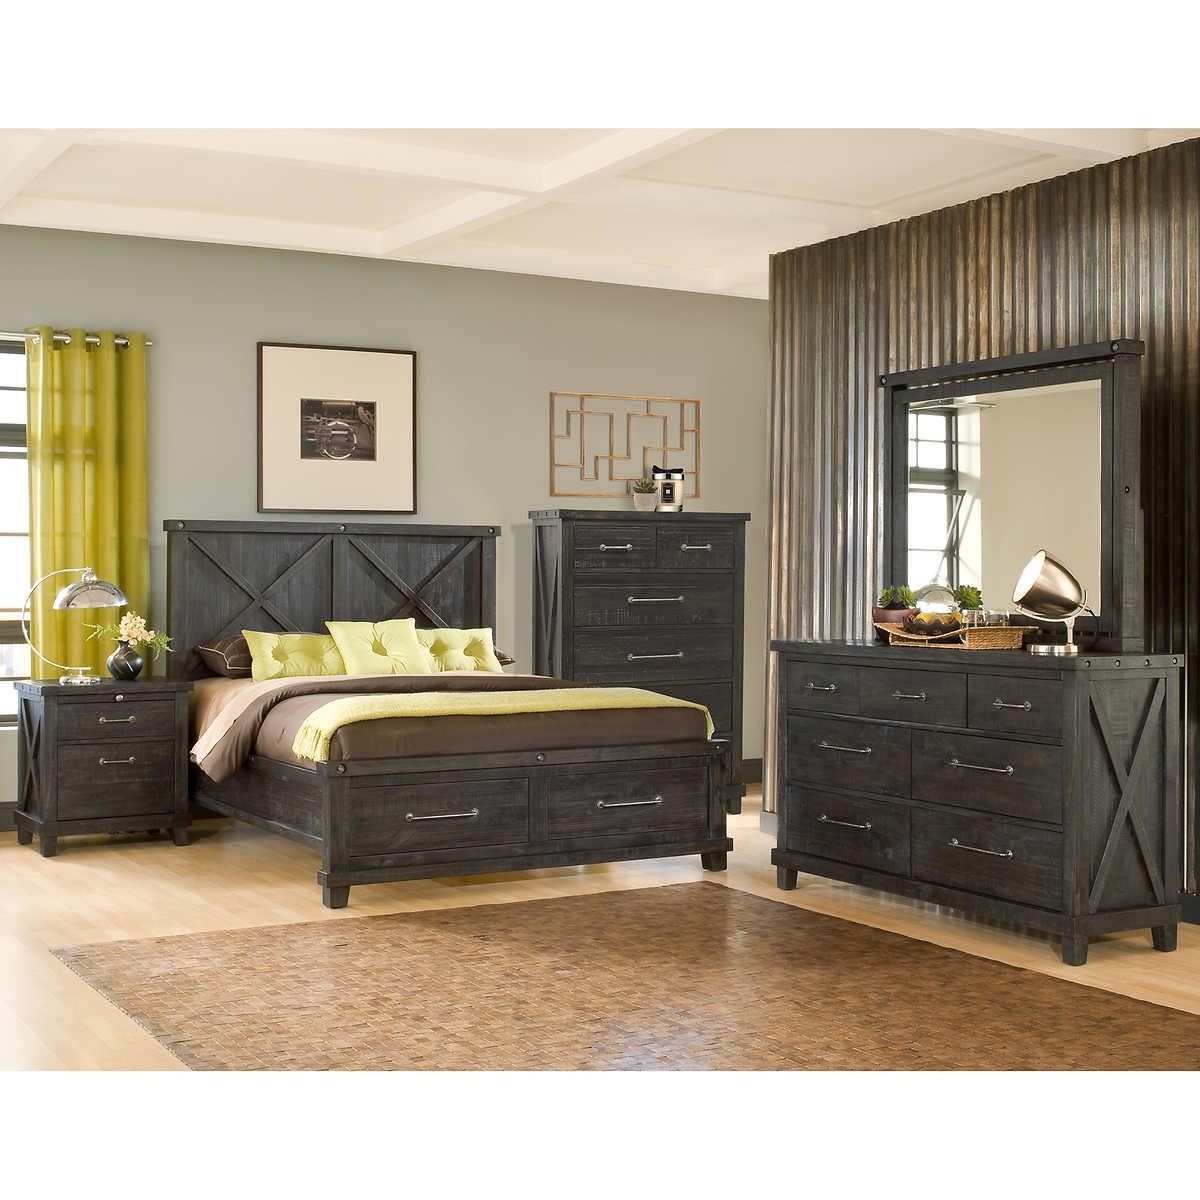 Queen Bedroom Sets With Storage queen bedroom sets | costco